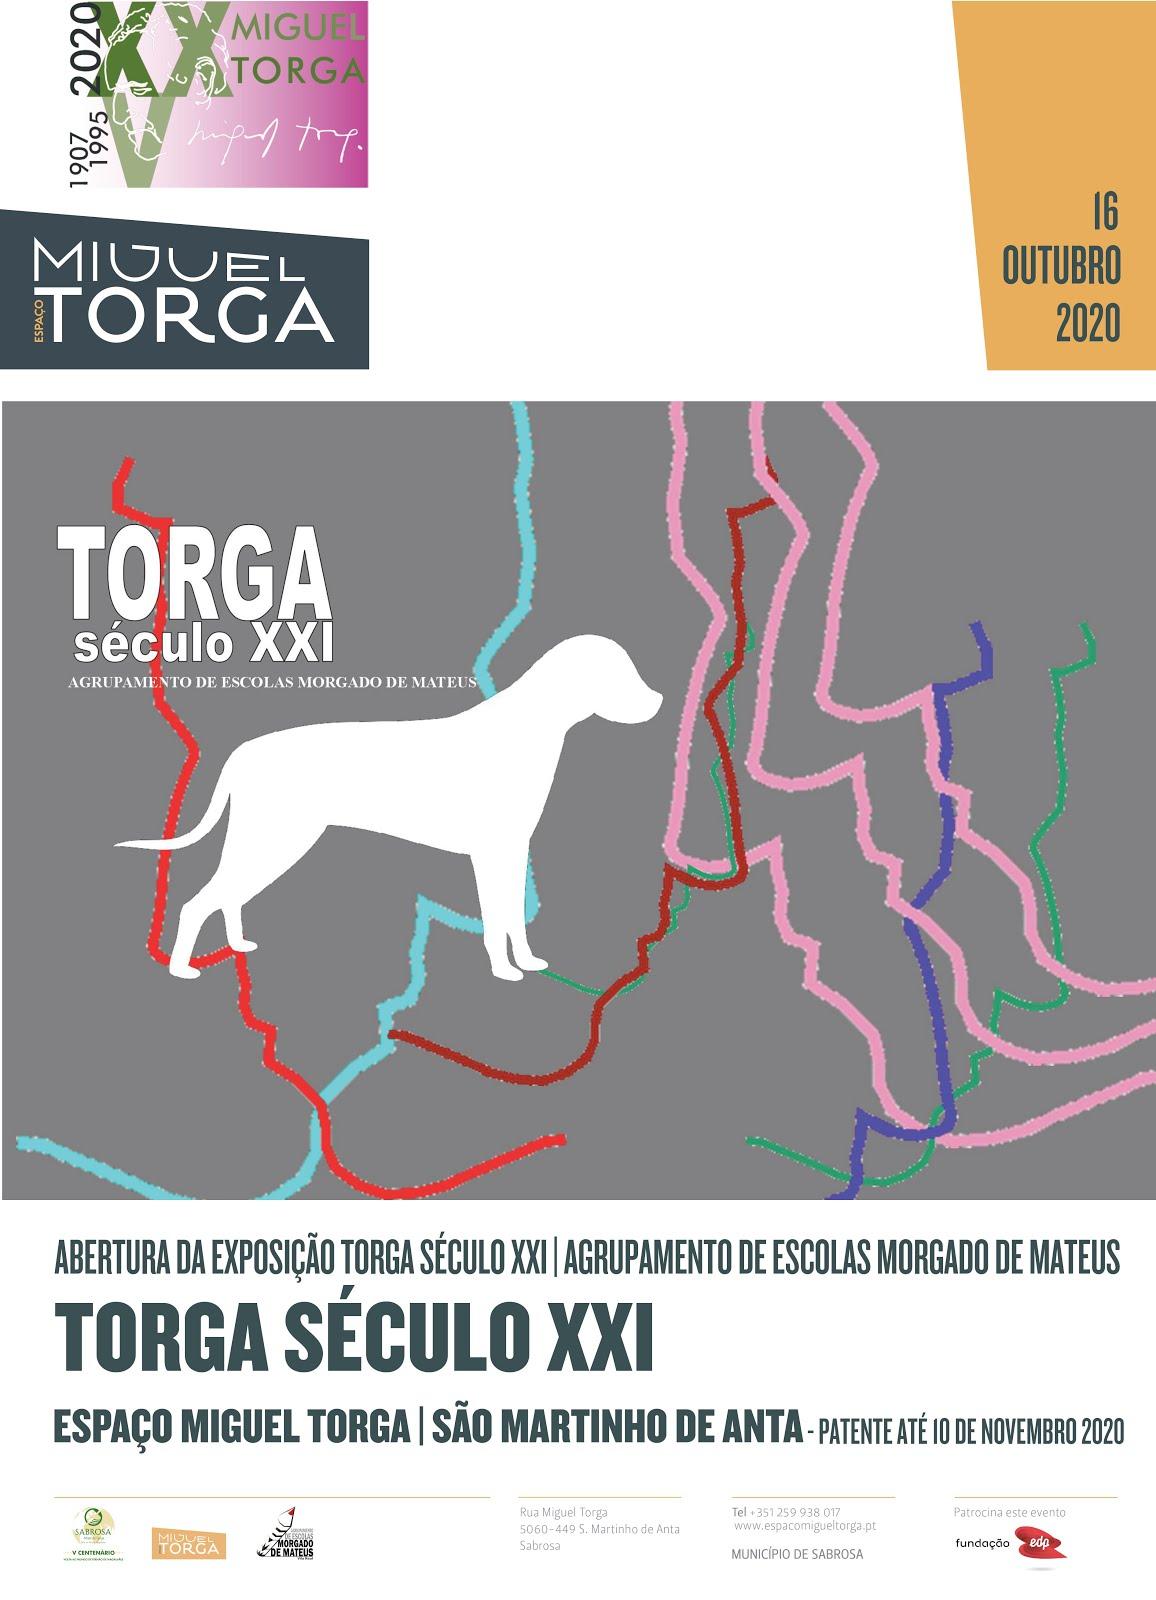 TORGA, século XXI - exposição